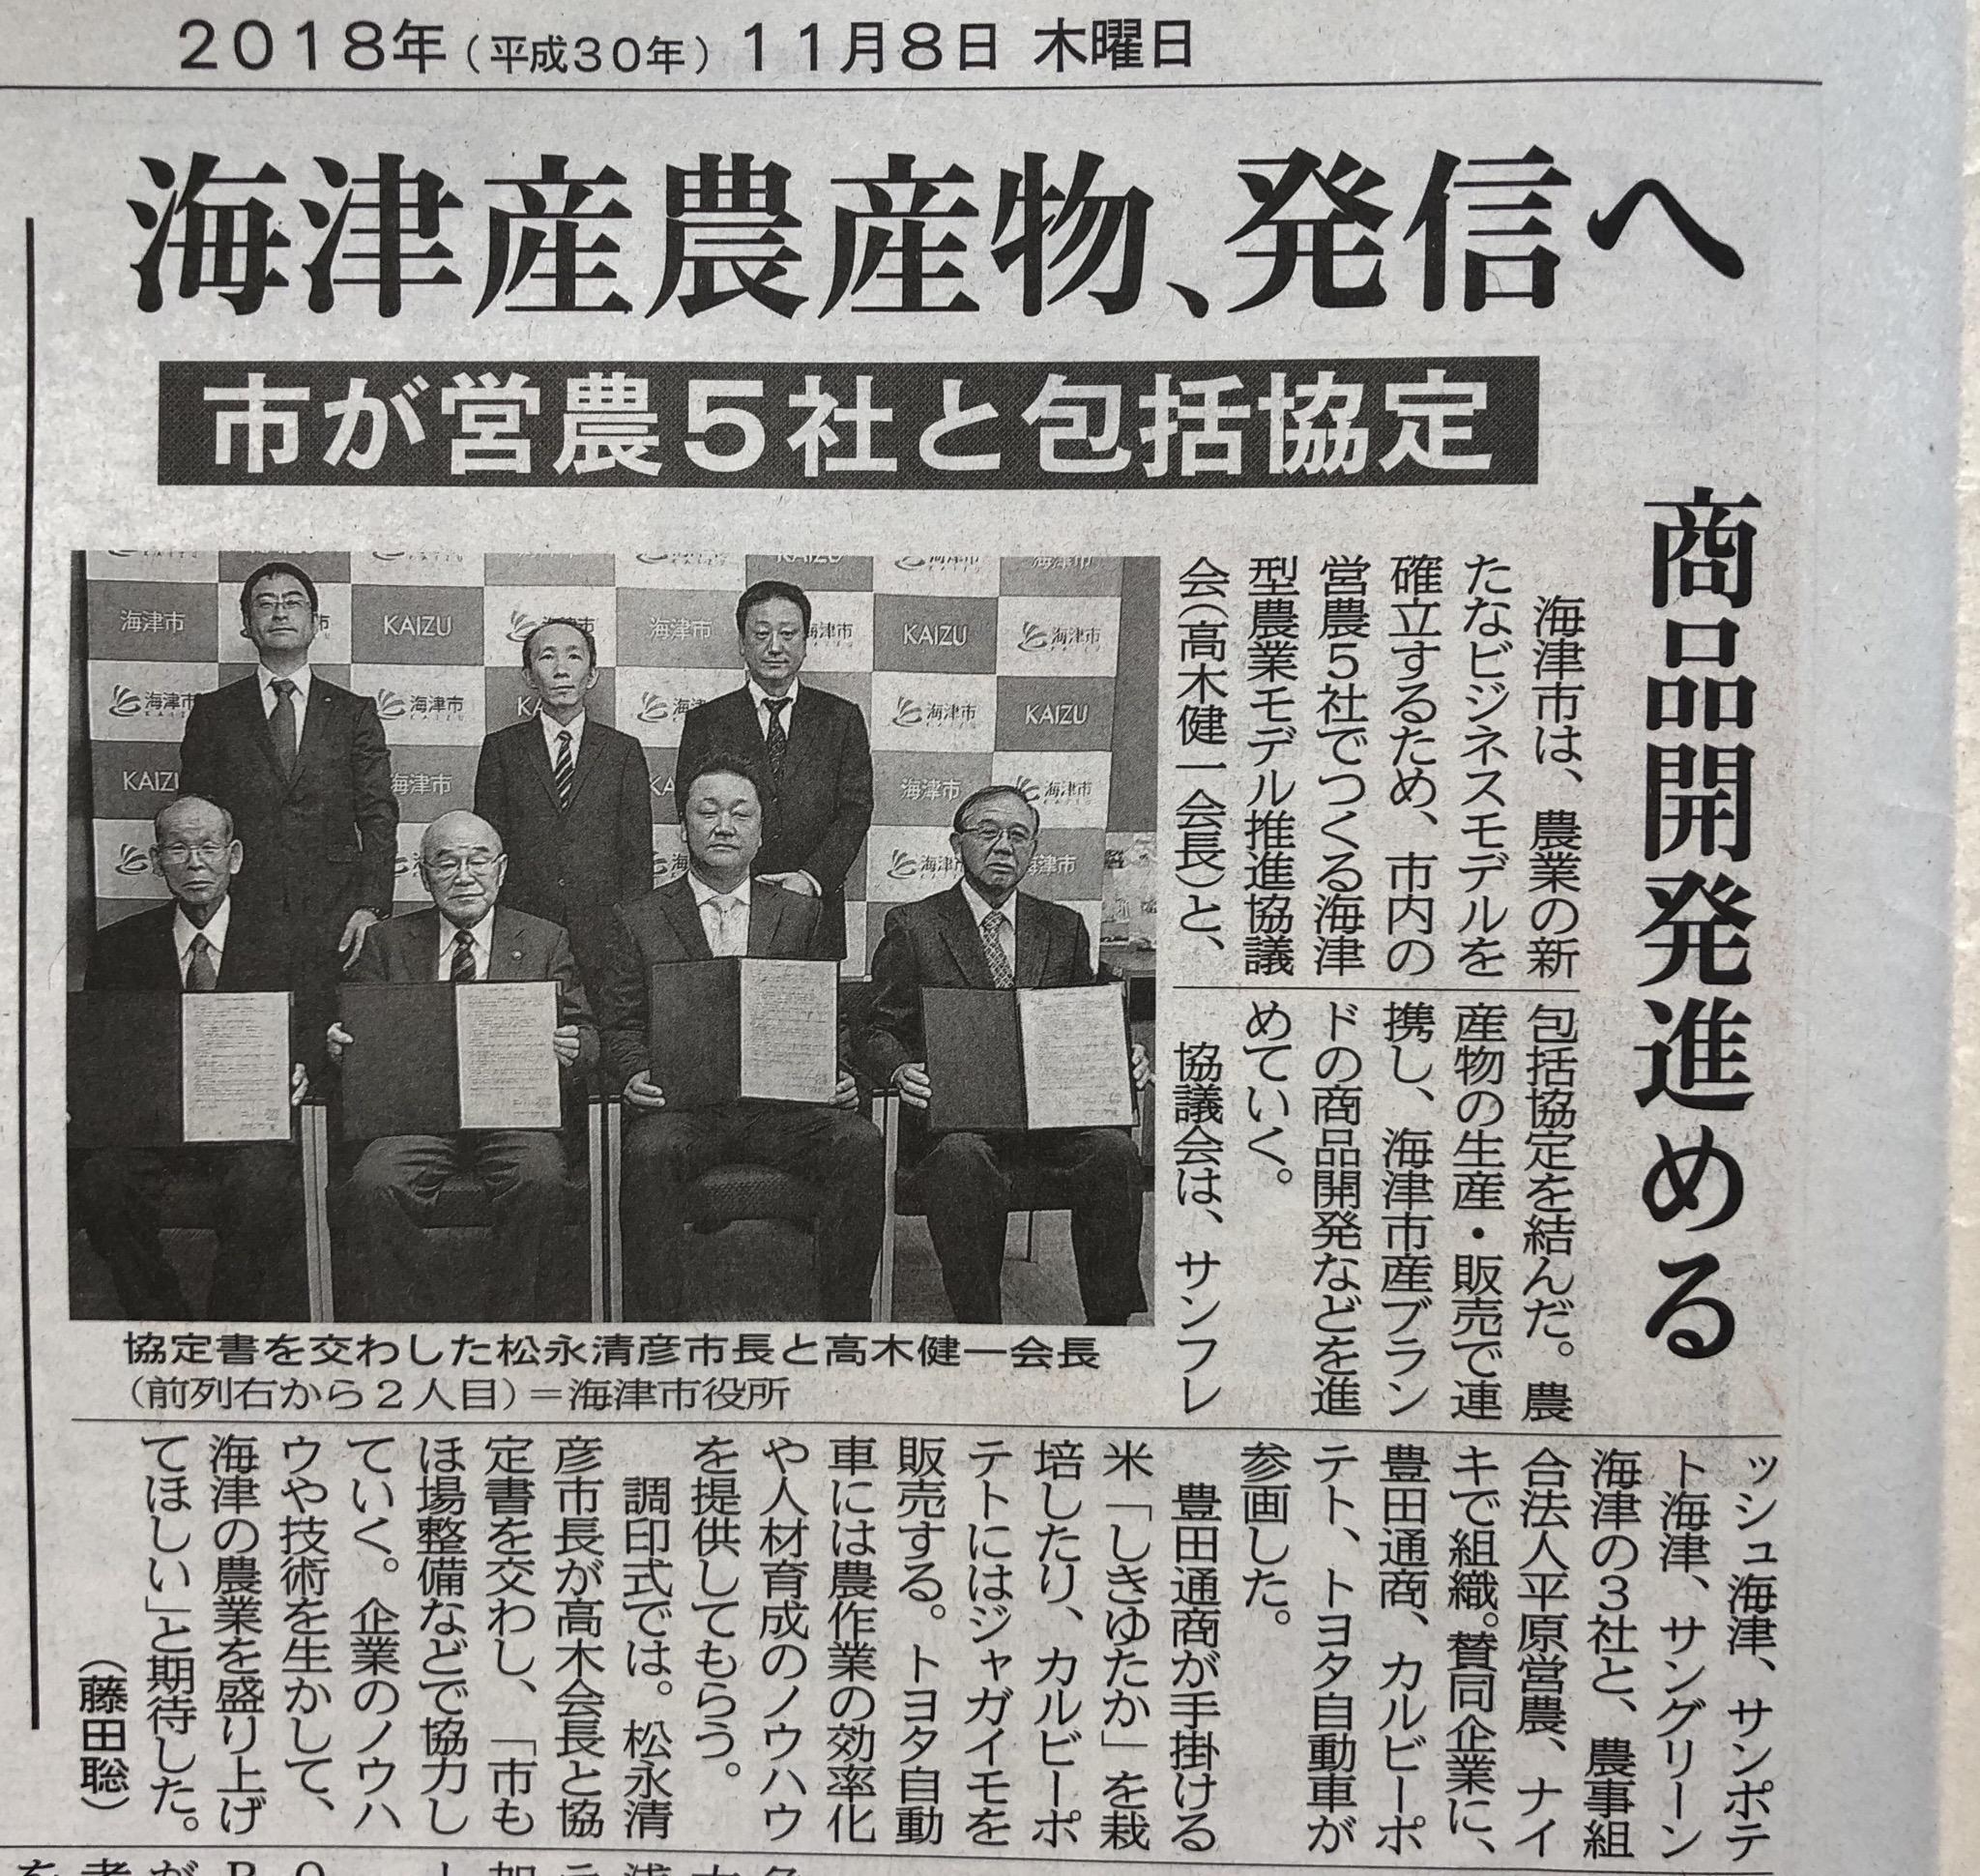 海津市との包括協定が新聞に掲載されました。